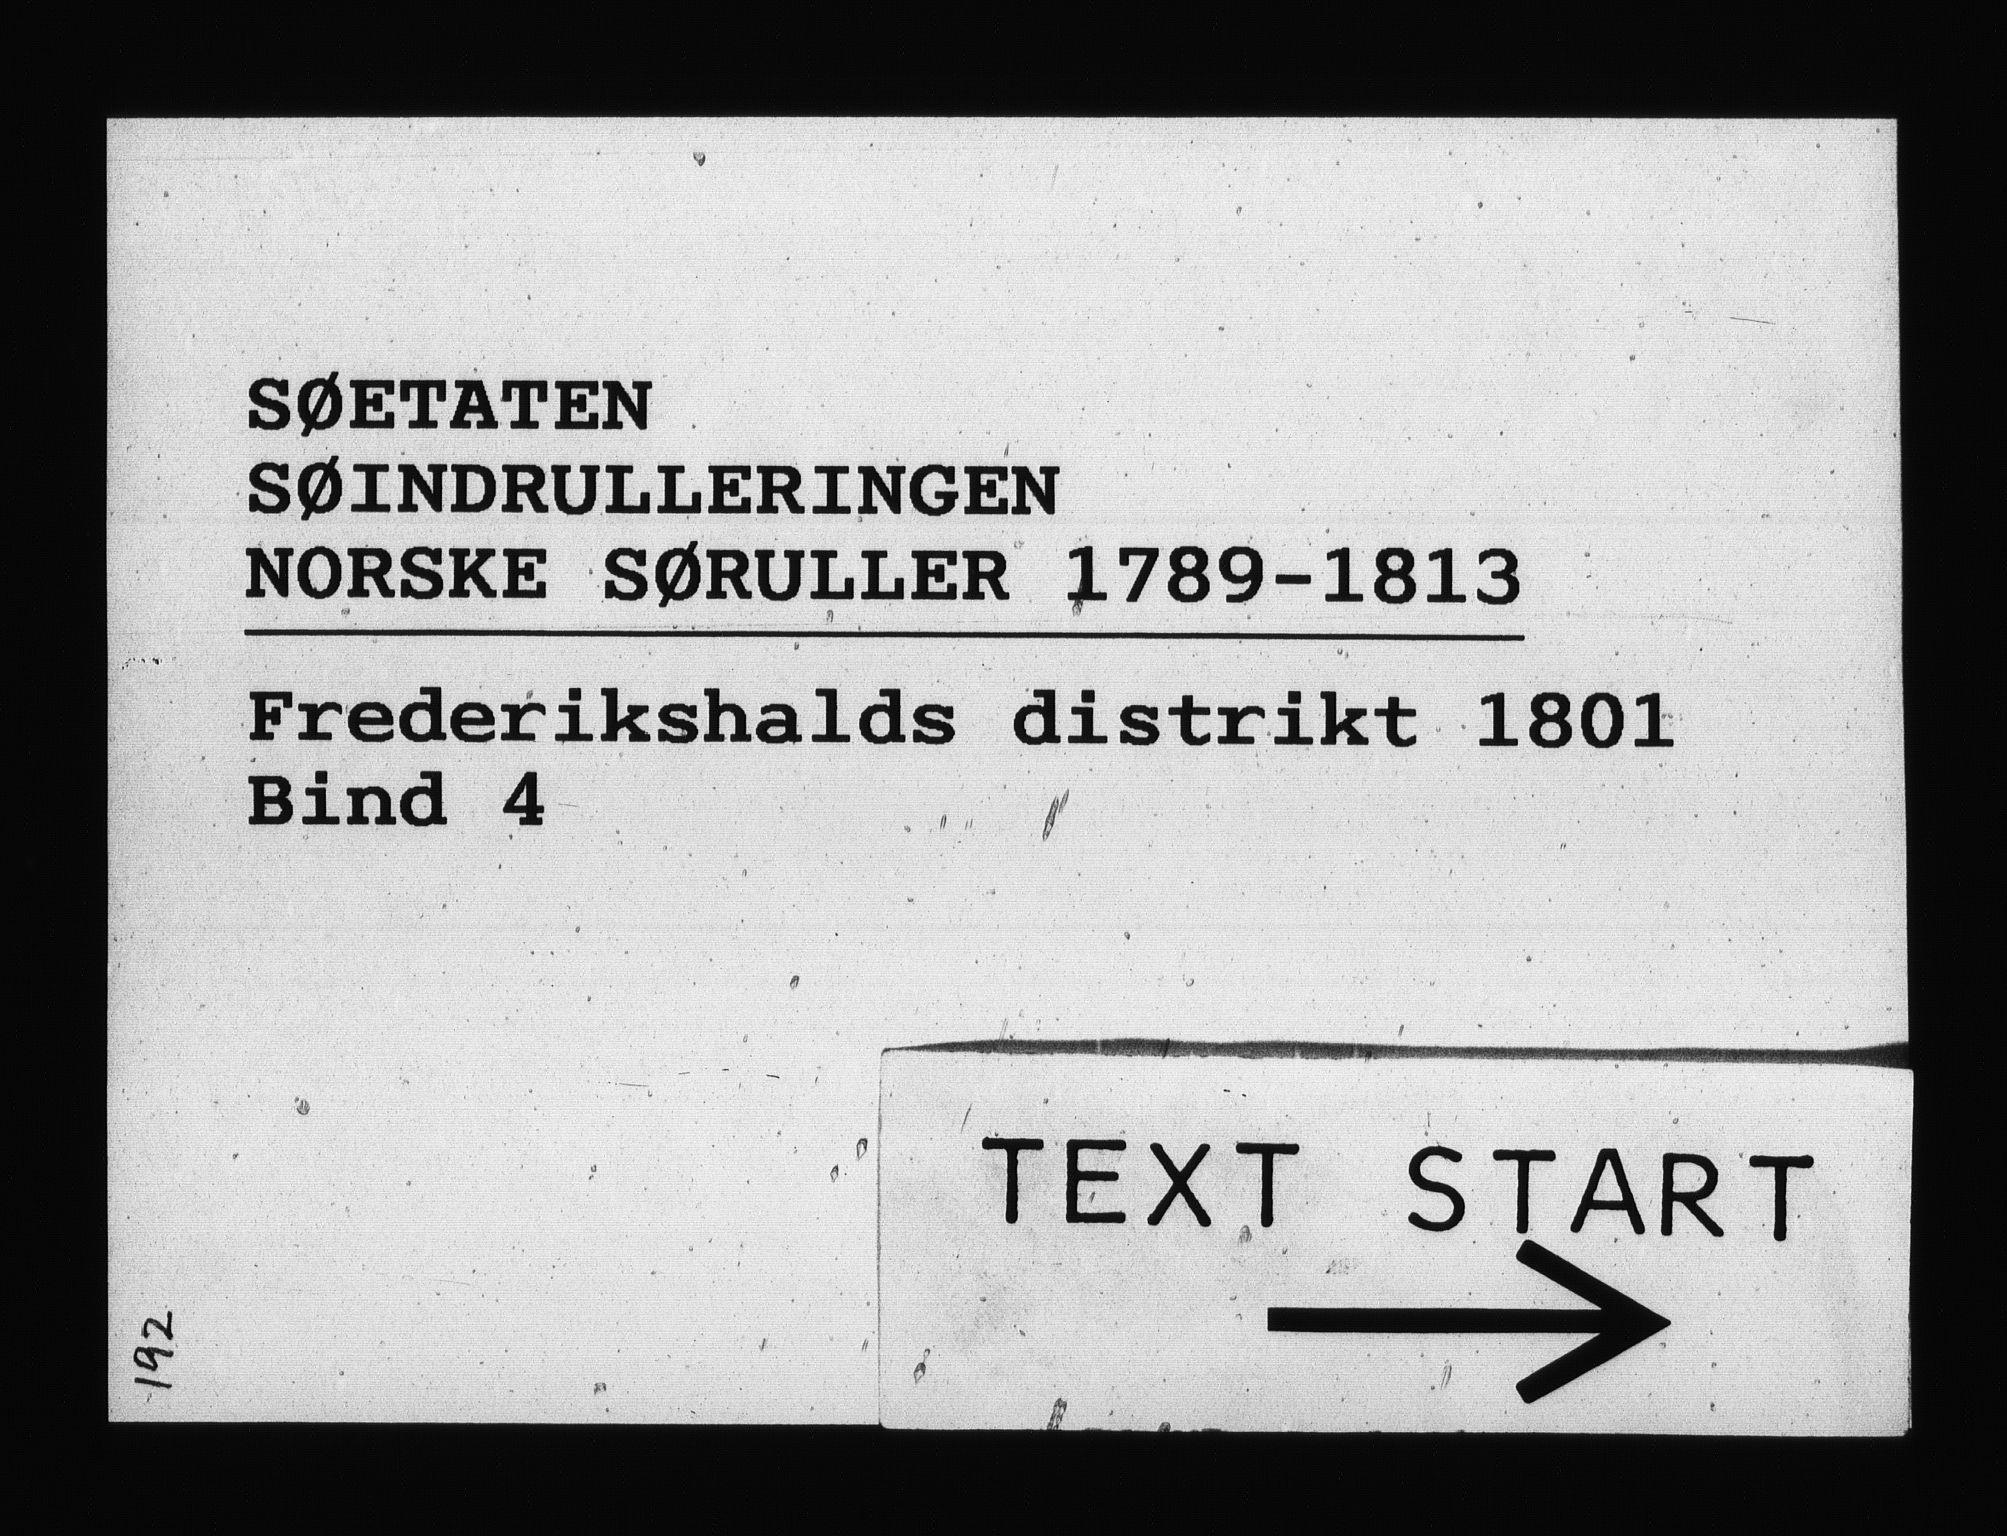 RA, Sjøetaten, F/L0193: Fredrikshalds distrikt, bind 4, 1801